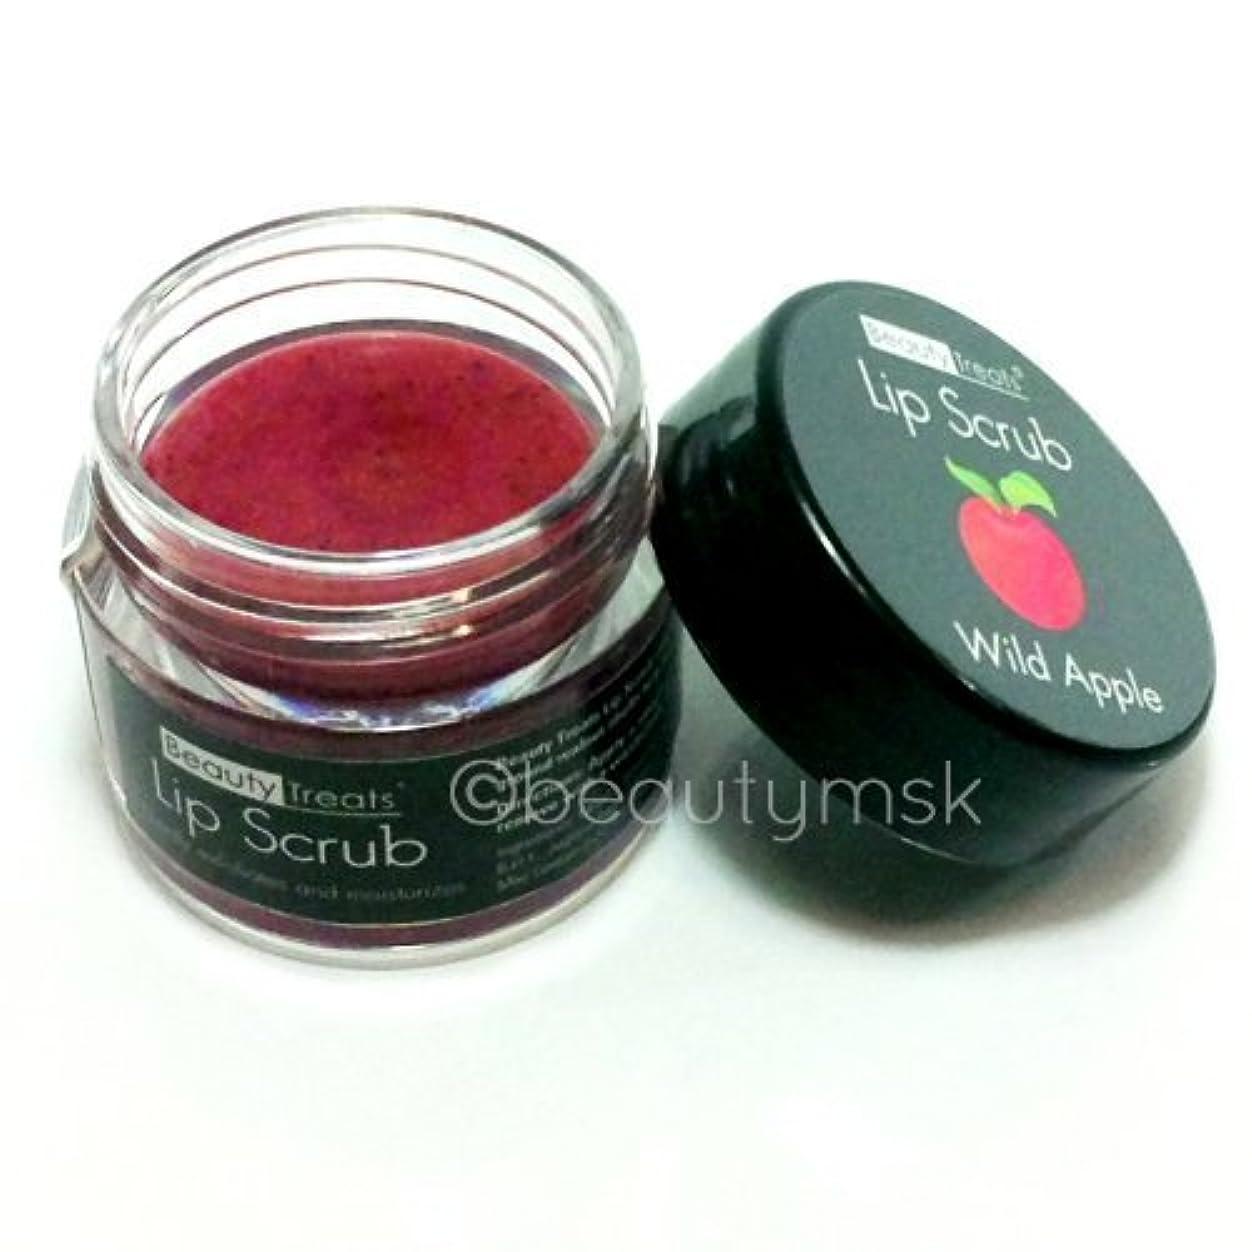 補償基本的な不運BEAUTY TREATS Lip Scrub Wild Apple (並行輸入品)